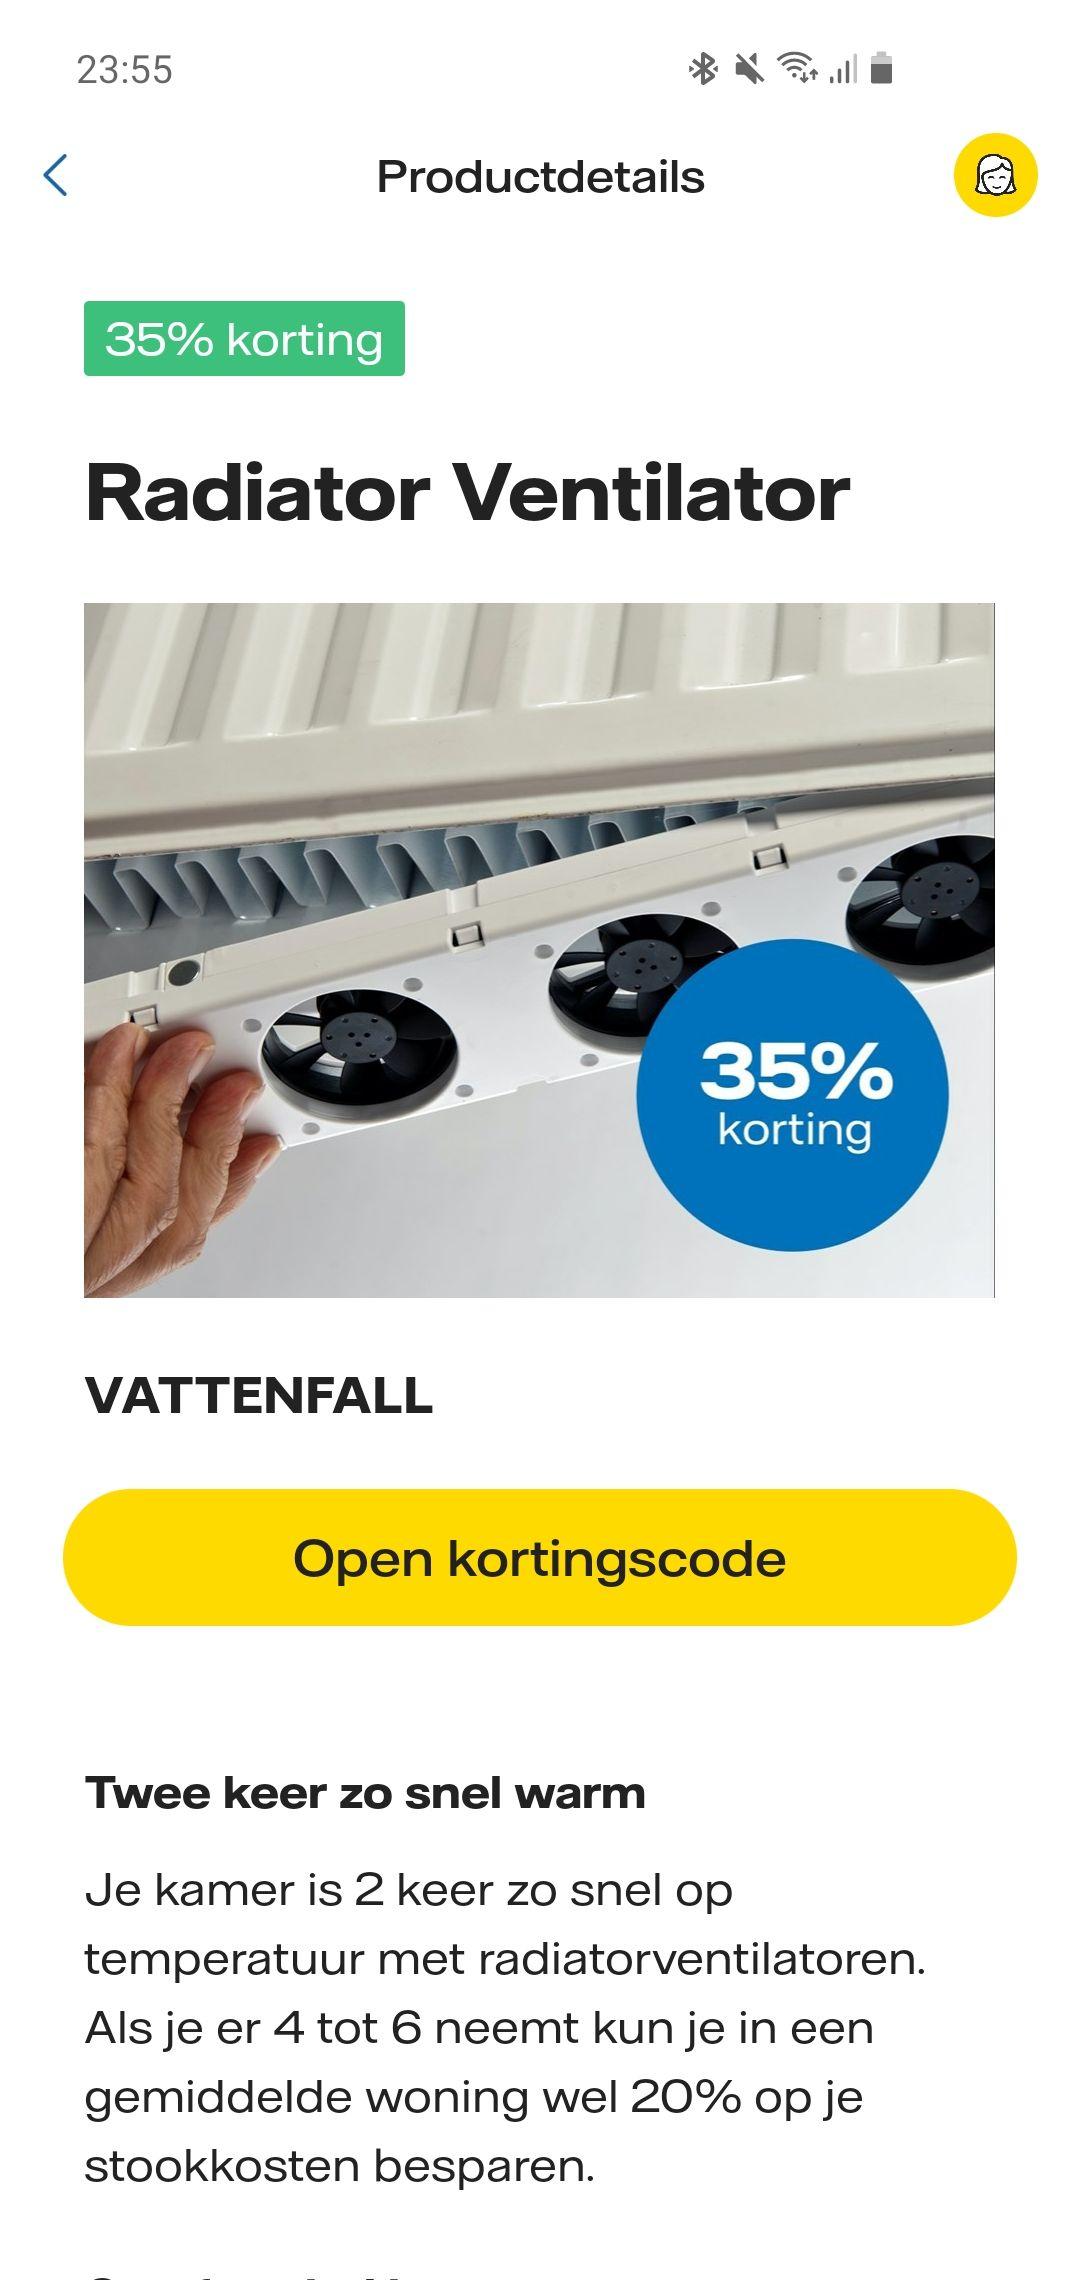 35% korting op de Radiator ventilator voor Vattenfall klanten